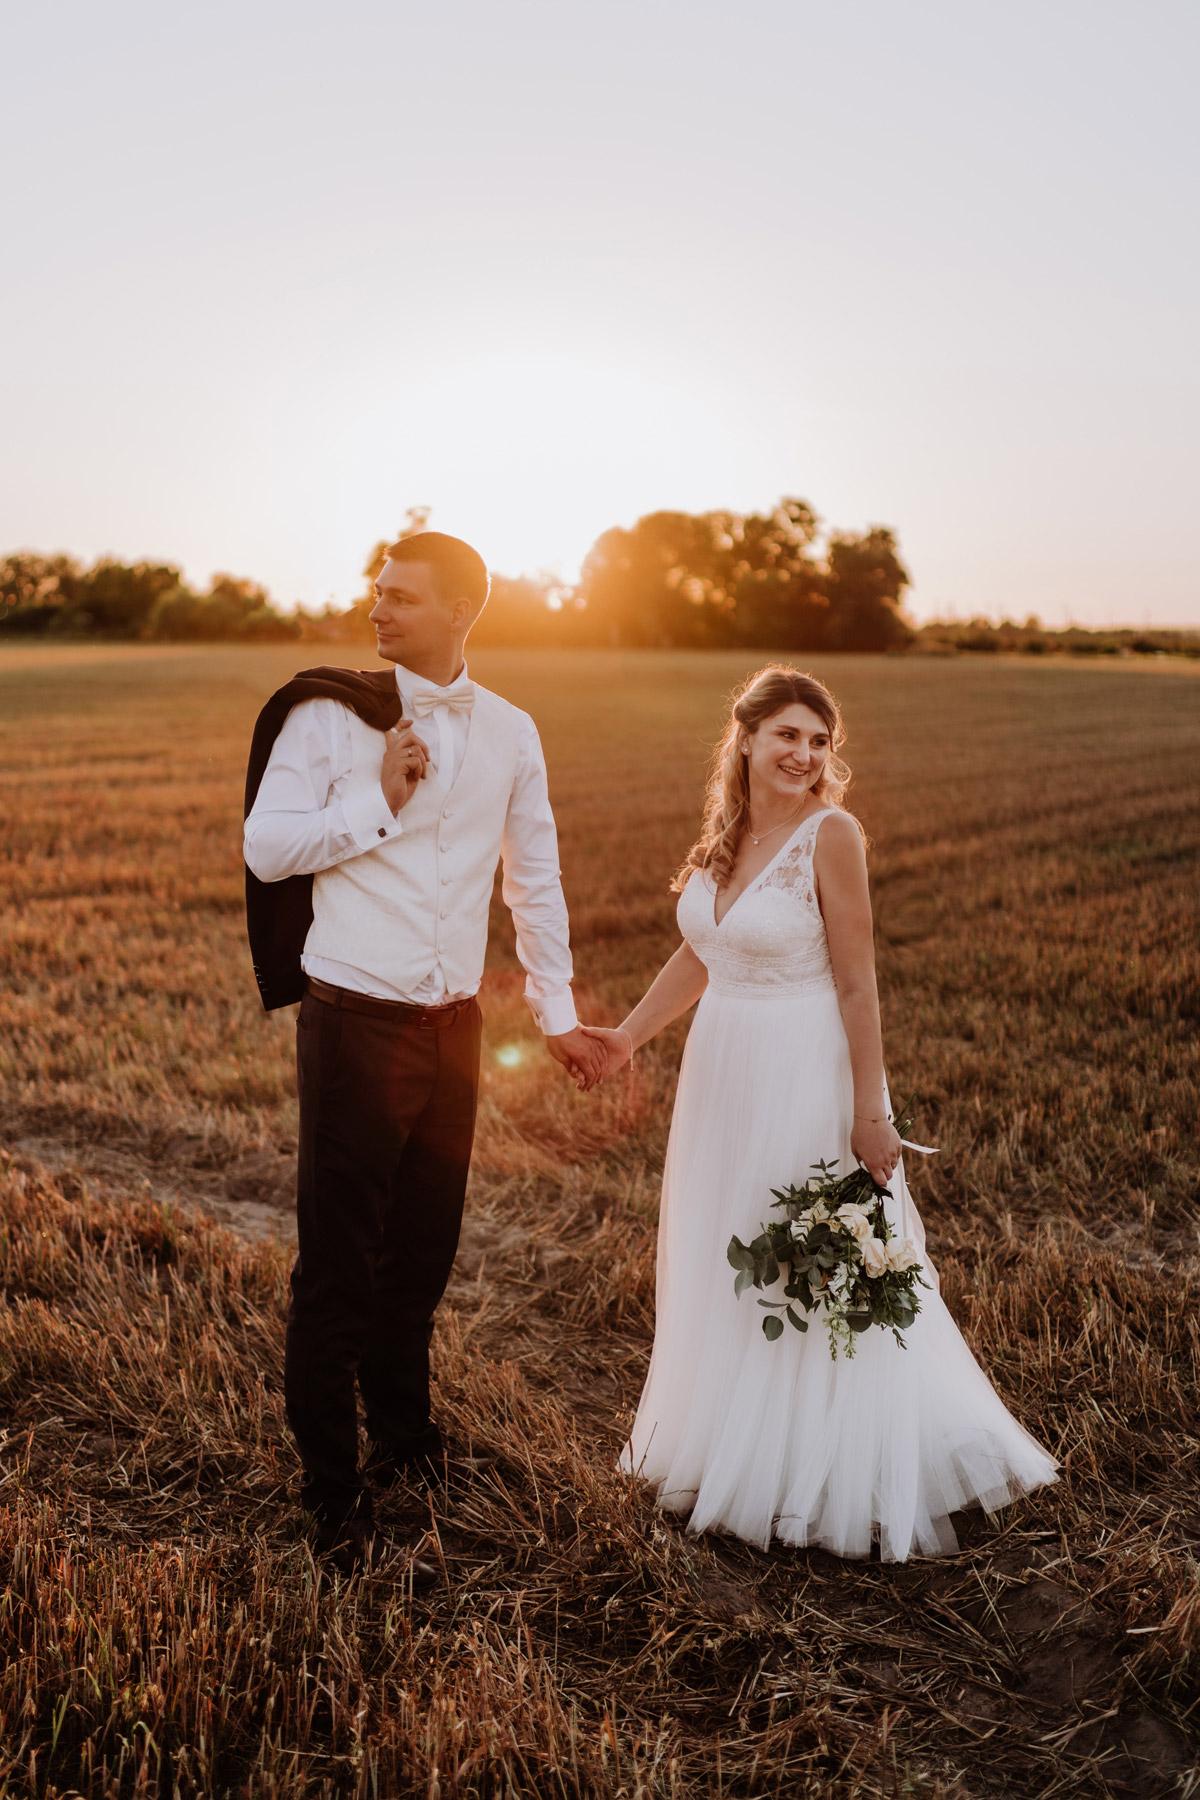 Hochzeitspaar natürliches Brautpaar-Shooting im Sonnenuntergang nach Standesamt Hochzeit im Schloss Kartzow - #Hochzeitsfotografie Berlin © www.hochzeitslicht.de #hochzeitslicht #hochzeitsfoto